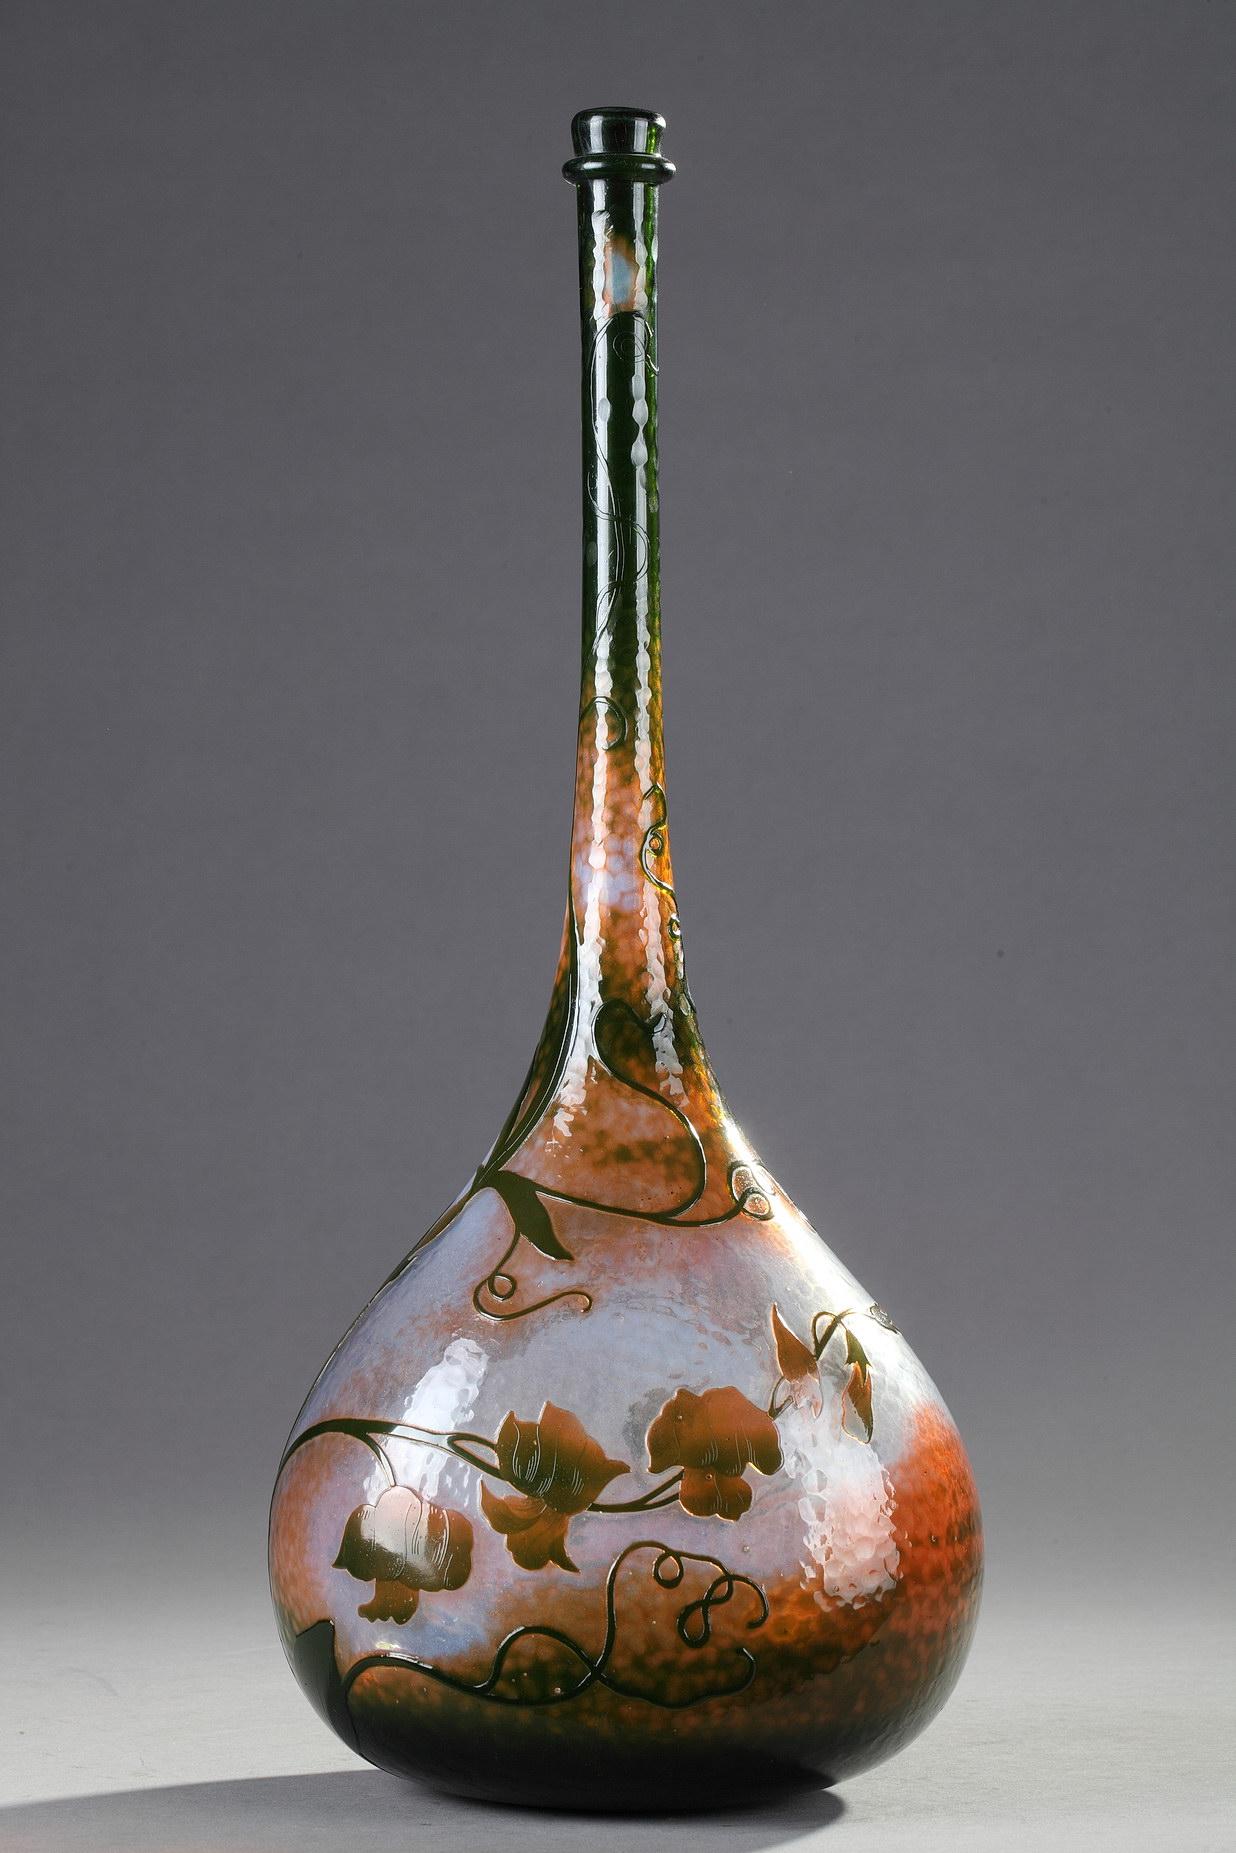 Daum, Vase-bouteille à décor de Pois de senteur, Haut. 41 cm. sculptures, verreries - galerie Tourbillon, Paris